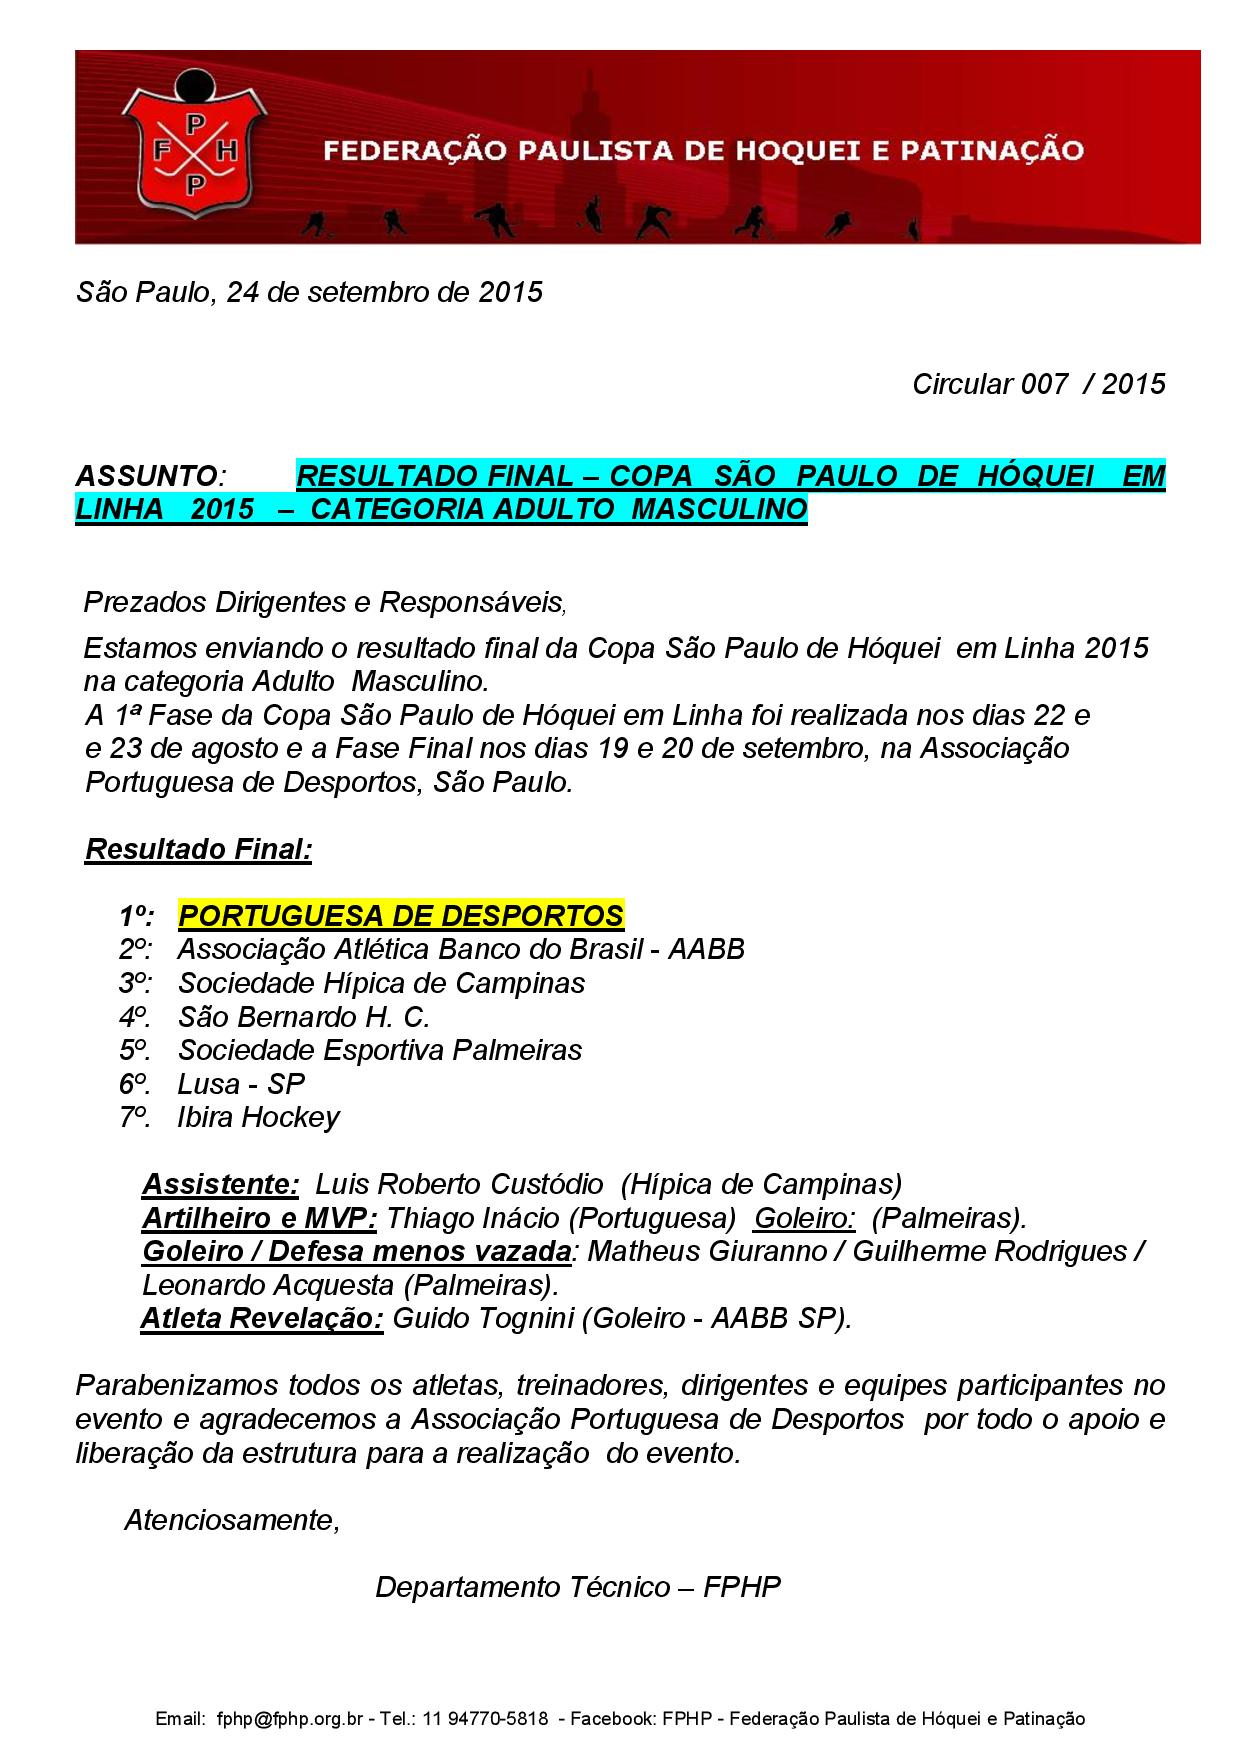 FPHP - Circular 007 - Resultado Final - Copa Sao Paulo 2015 - Categoria Adulto-page-001